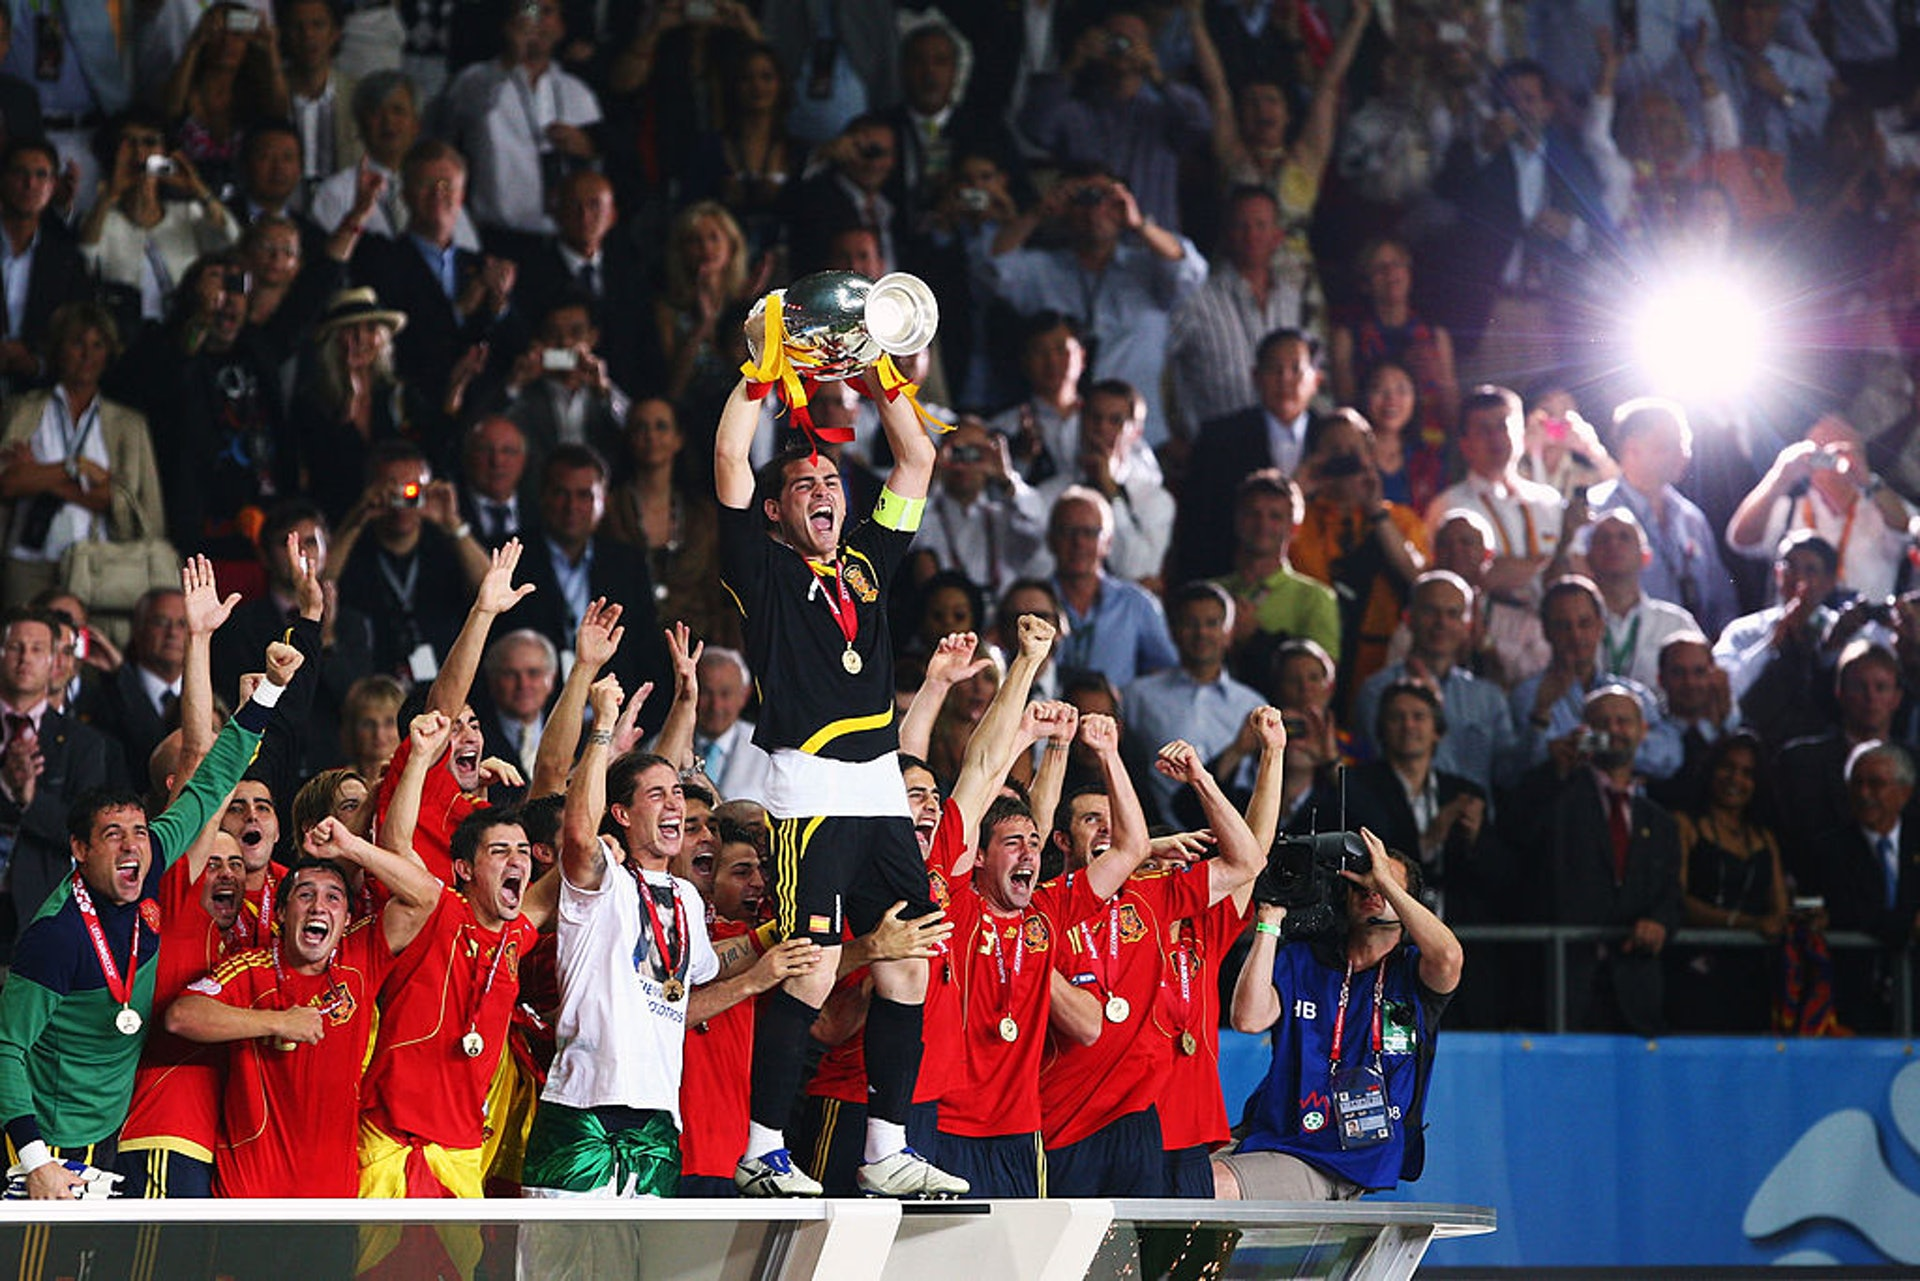 2008歐國盃冠軍:西班牙(23人名單)–26歲(Getty Images)